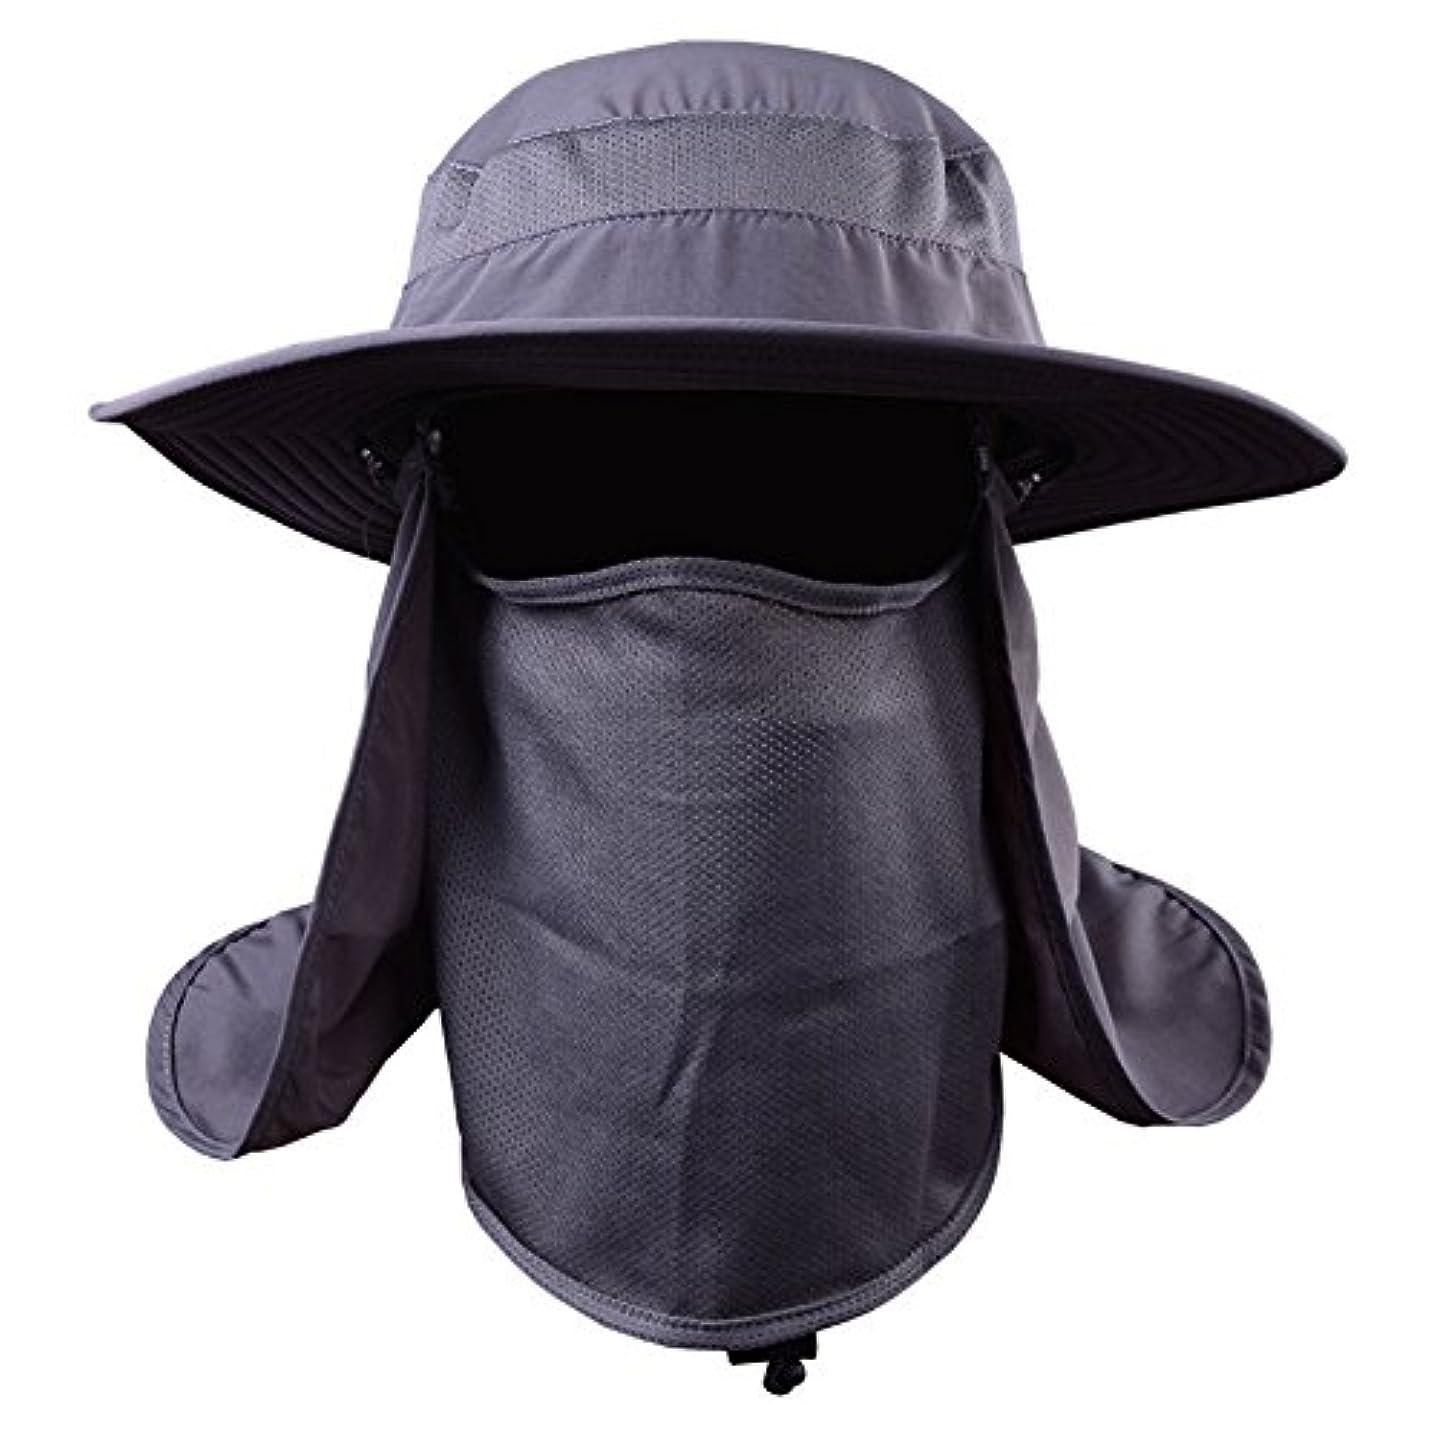 どこかホームレス追跡ACHICOO 帽子 抗UV 日焼け止め 紫外線防止 ファッション 夏用 防水防風 アウトドア 外出 旅行 ビーチ釣り 暗灰色